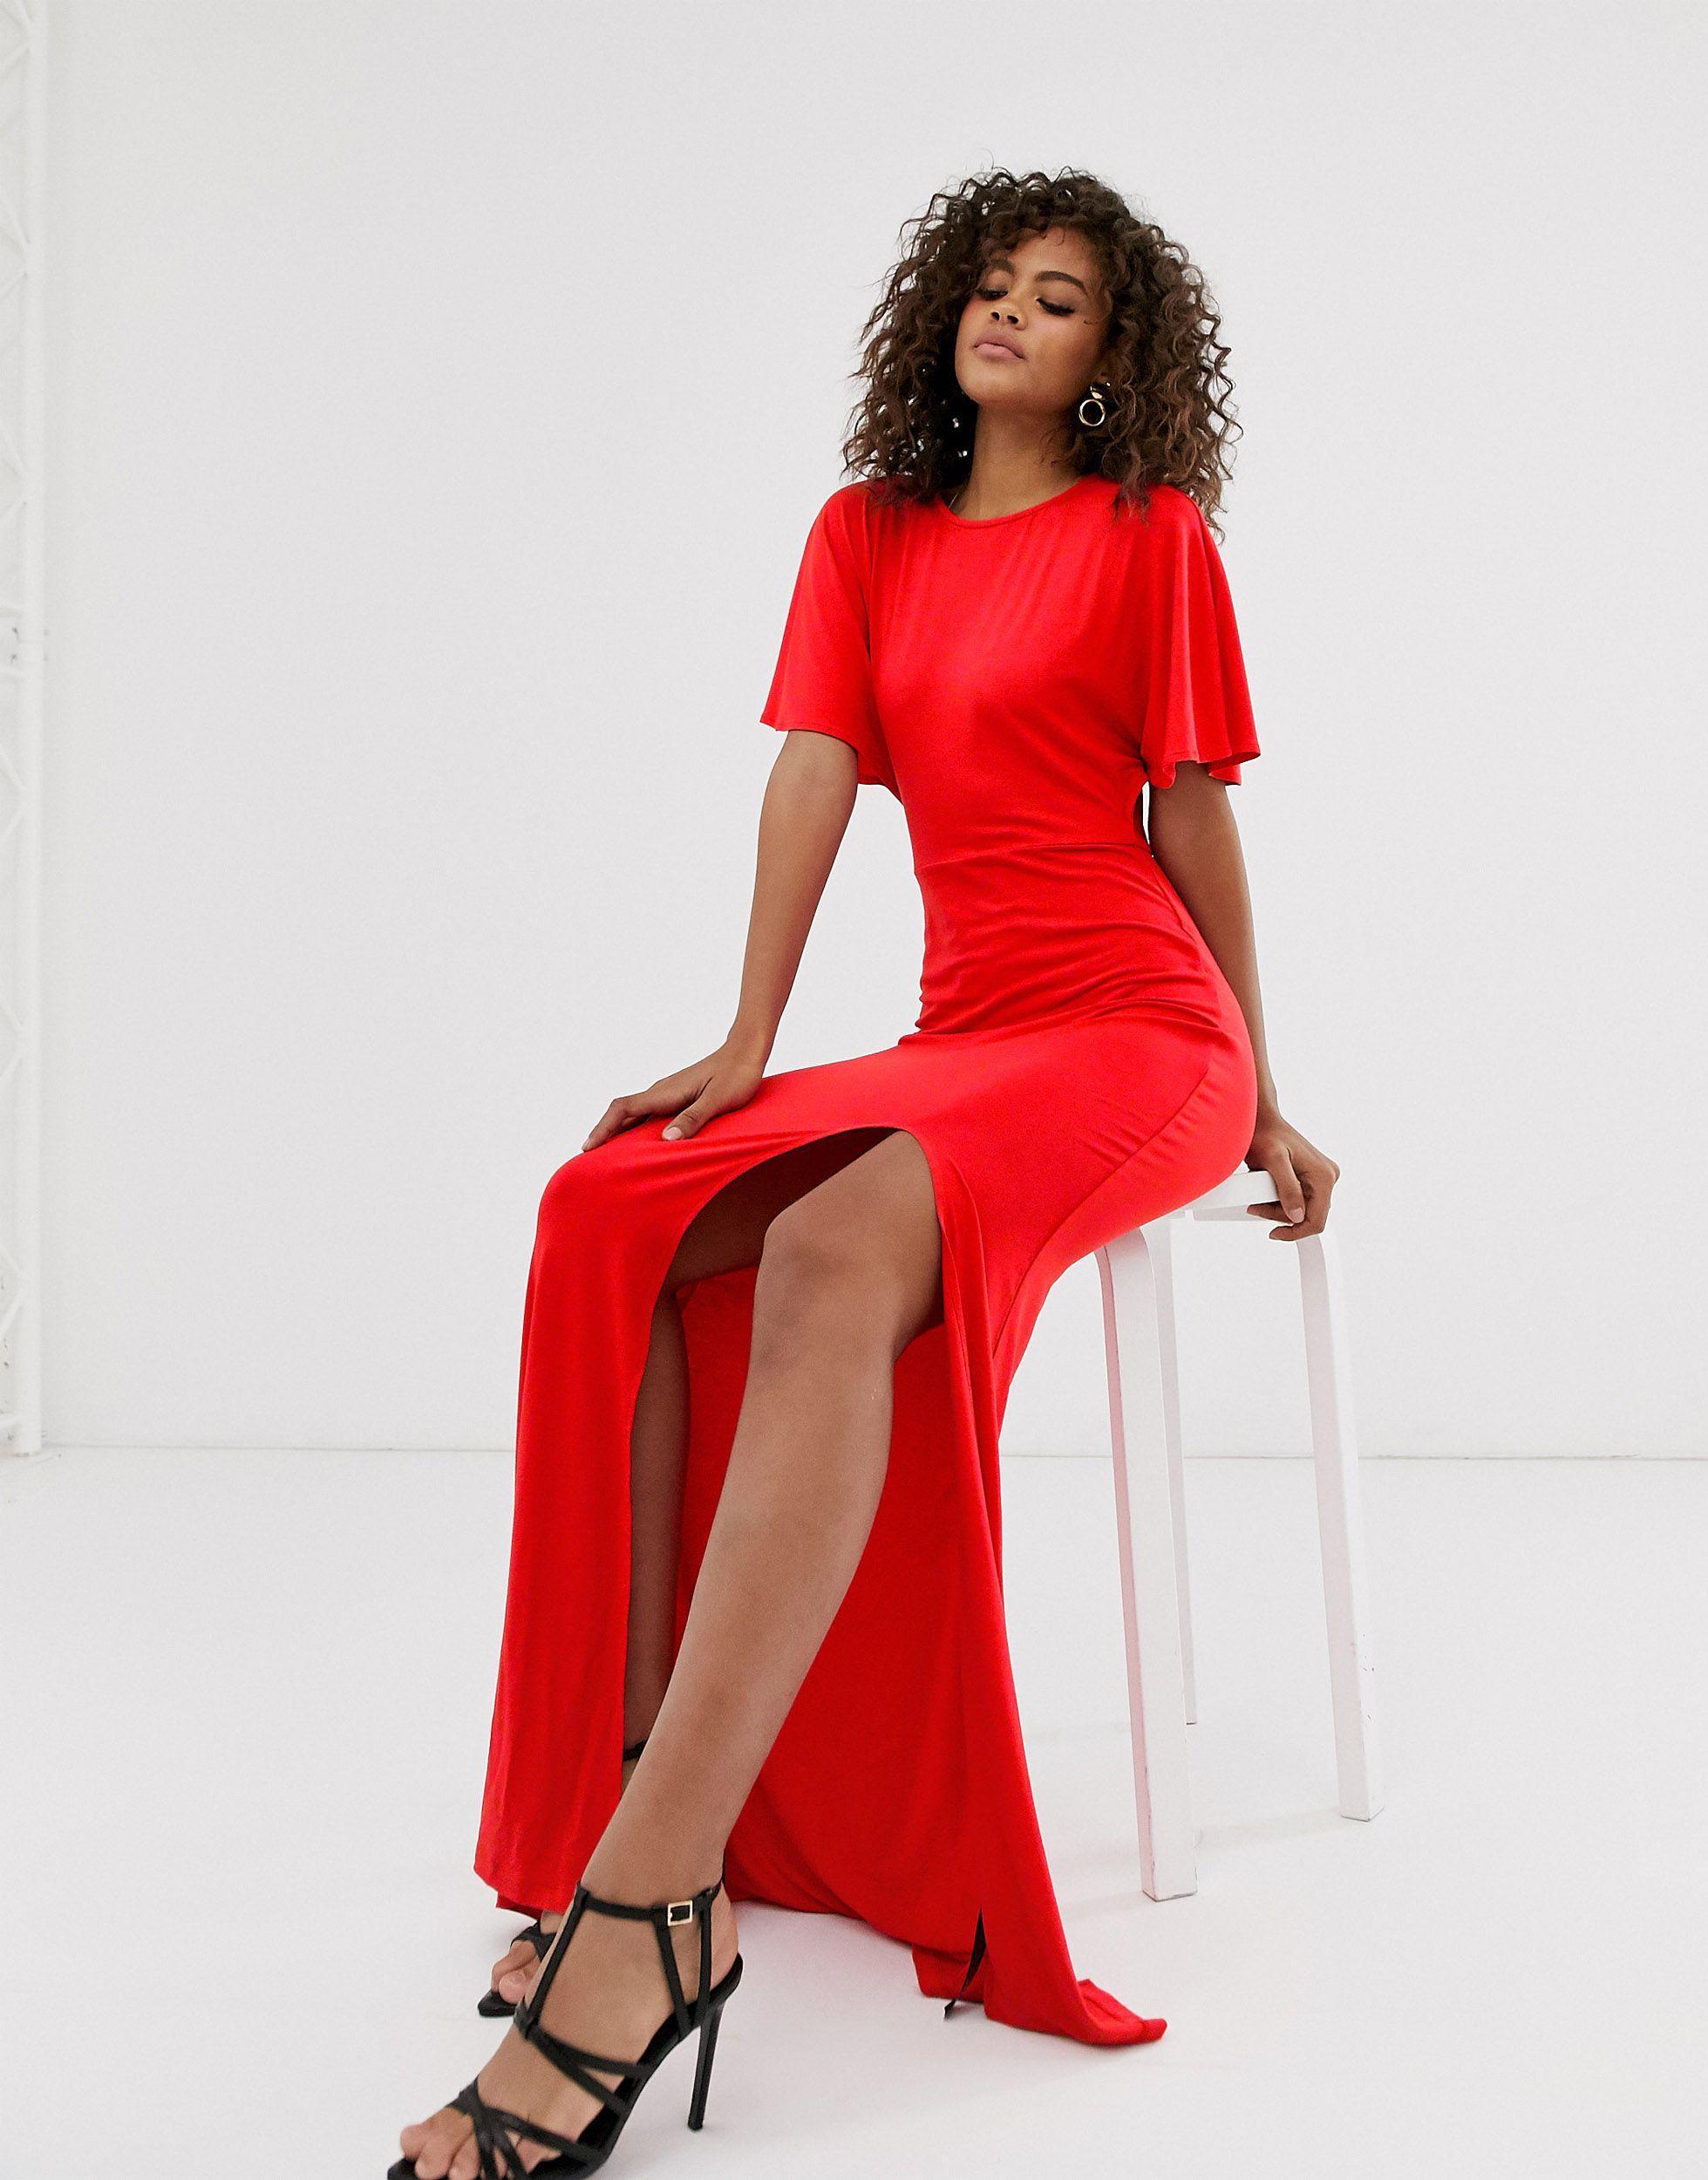 ASOS DESIGN Tall - Robe longue dos nu à manches évasées avec fente sur la cuisse Synthétique ASOS en coloris Rouge